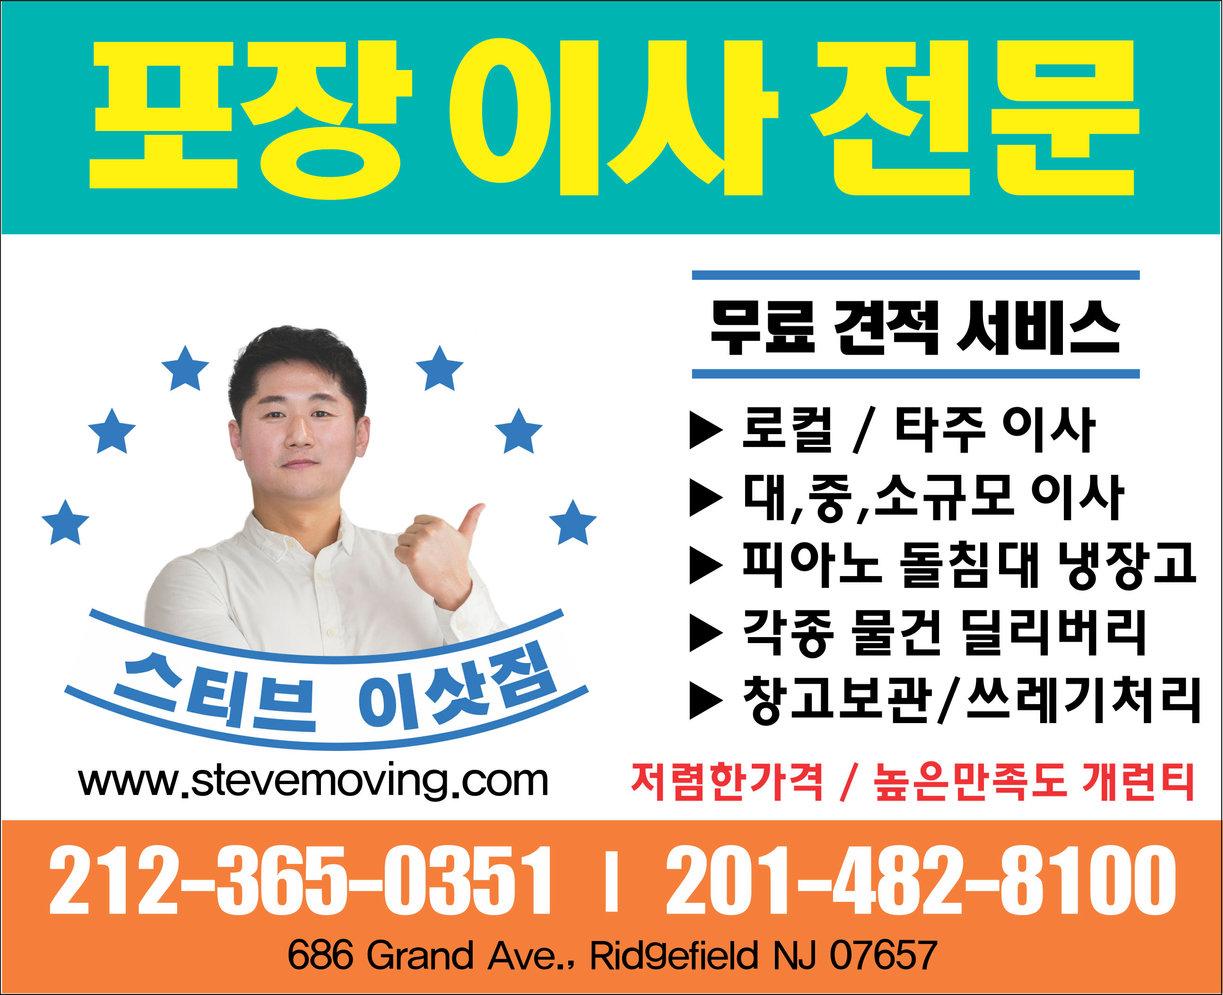 Steve moving.jpg